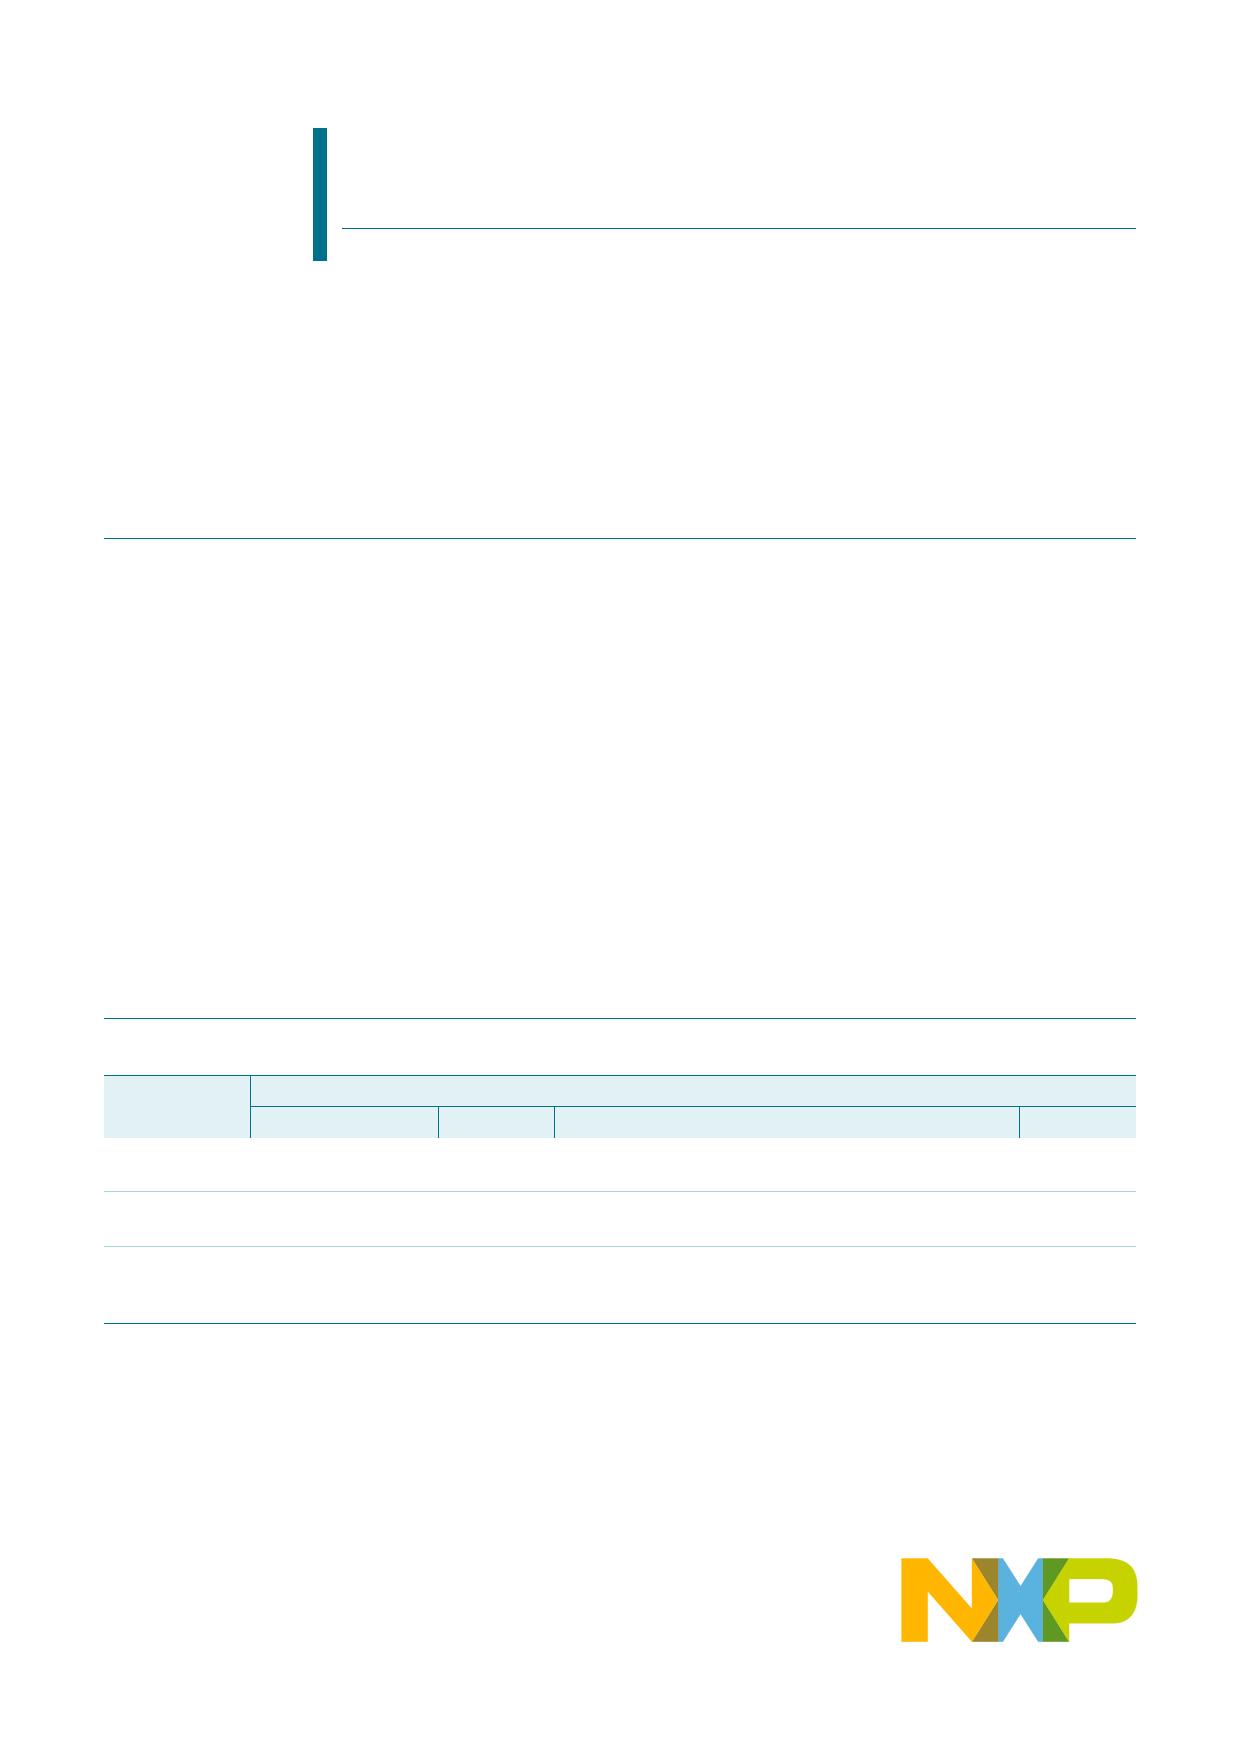 74ALVC32D دیتاشیت PDF